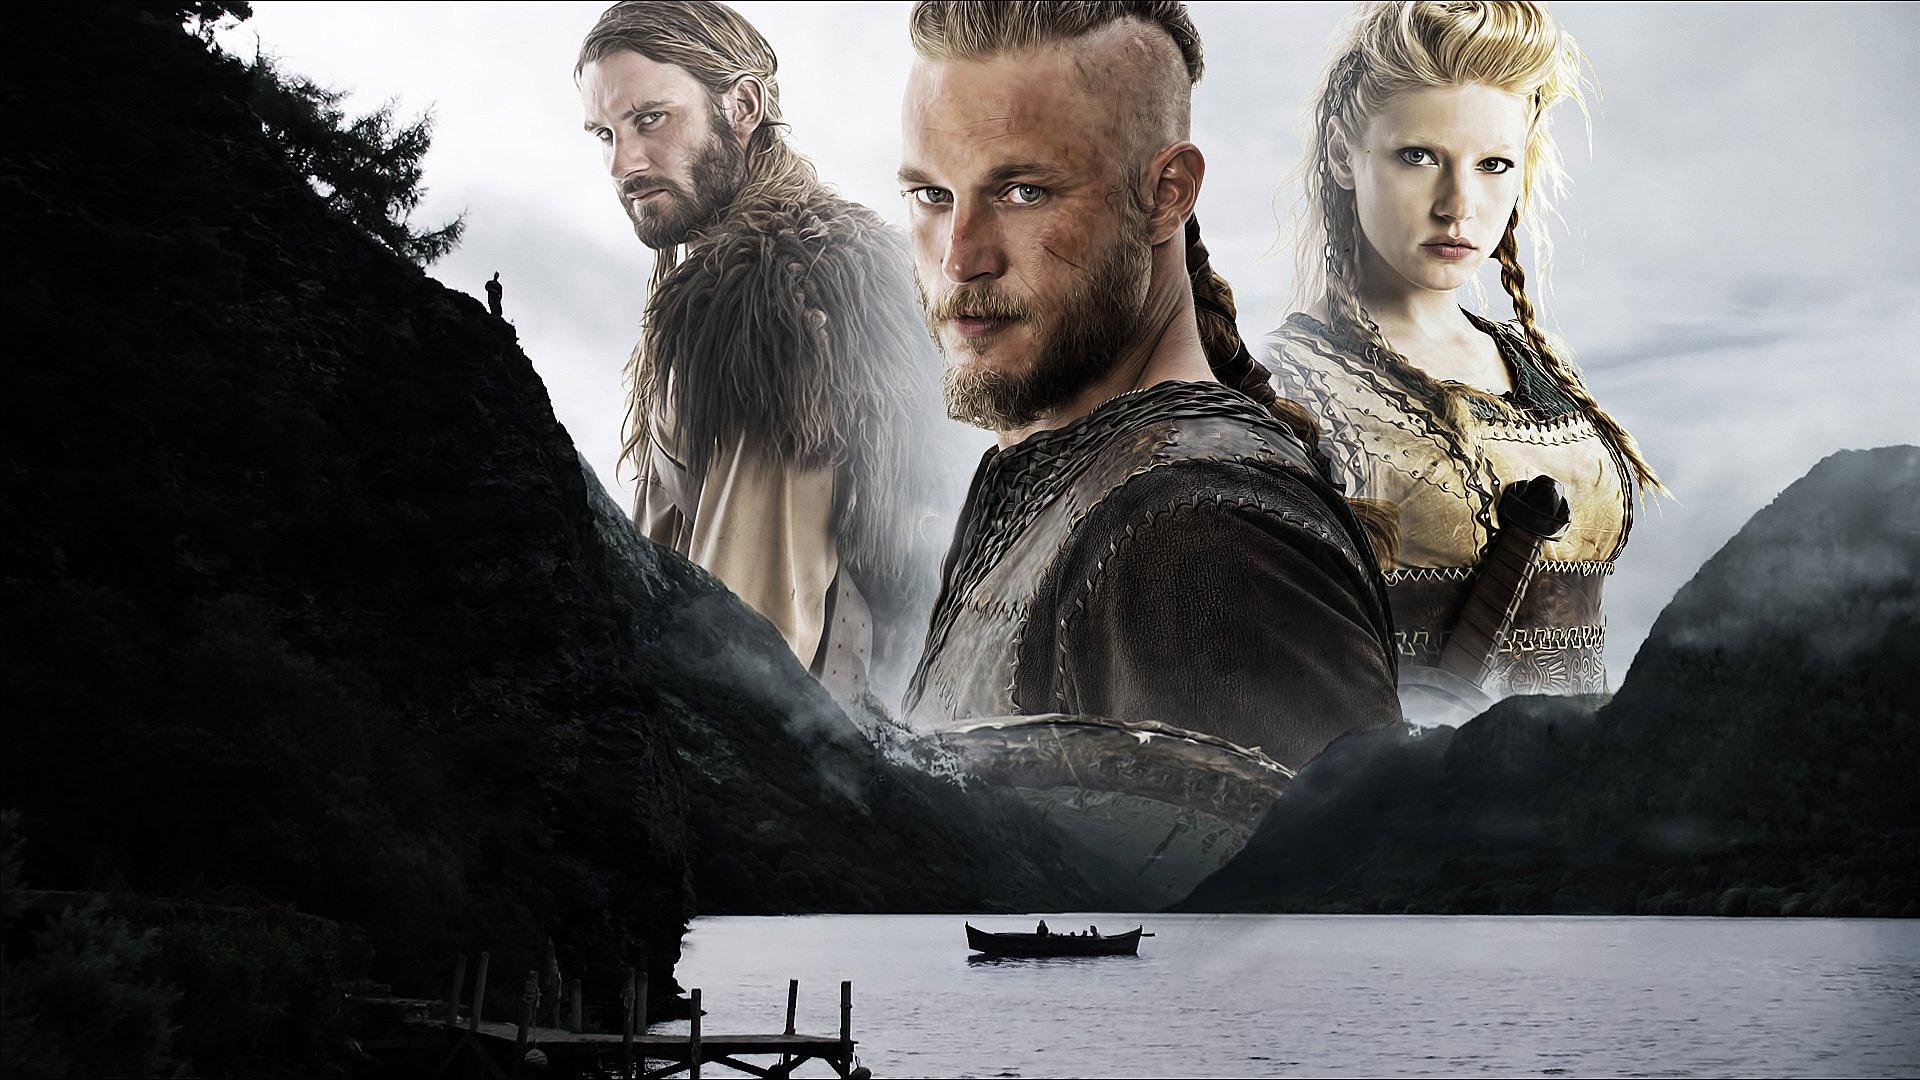 Vikings Fond D Ecran Hd Arriere Plan 1920x1080 Id 691795 Wallpaper Abyss